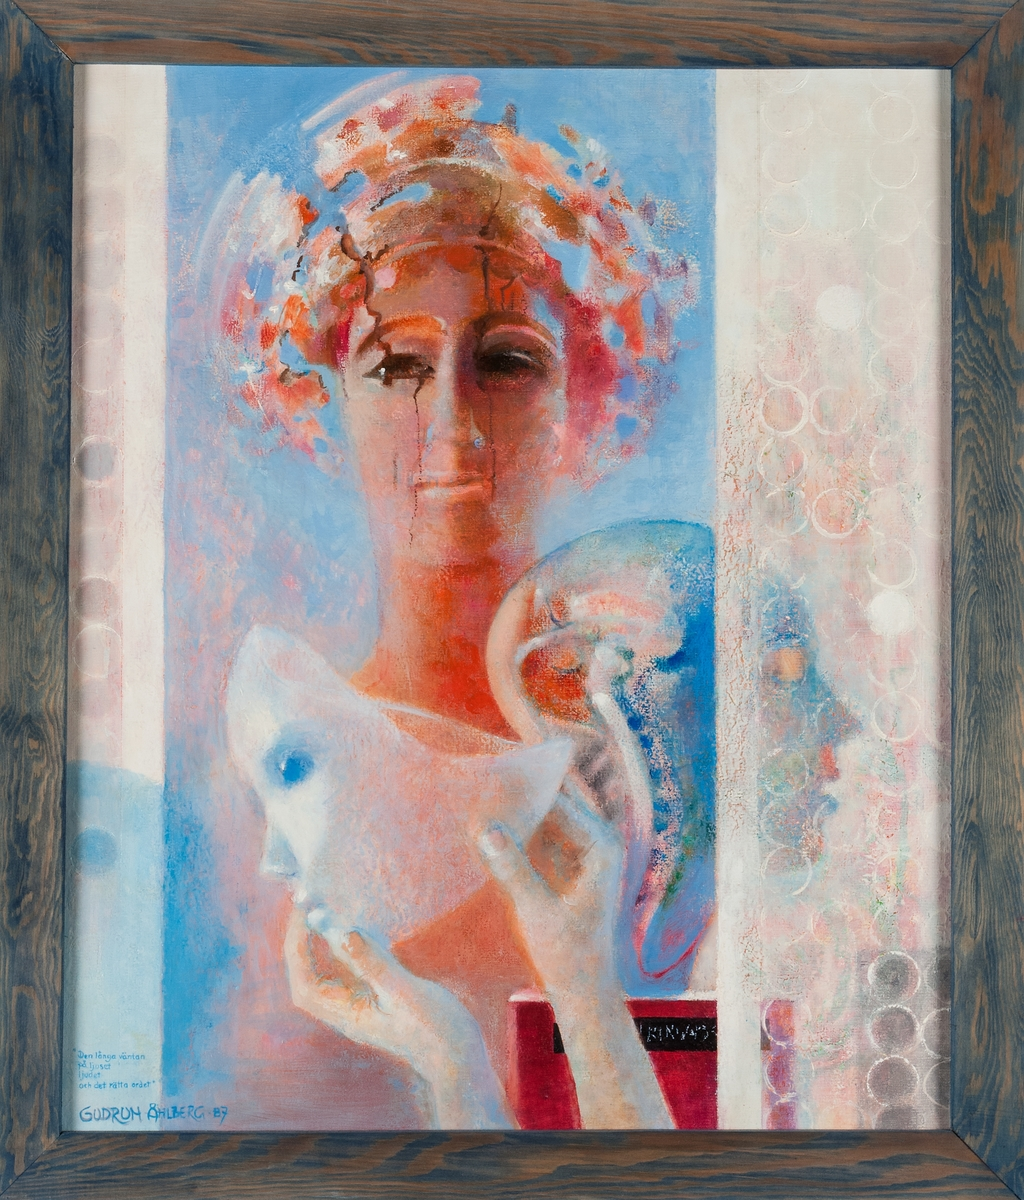 Oljemålning av Gudrun Åhlberg, 1987. Originalram av trä, blå.